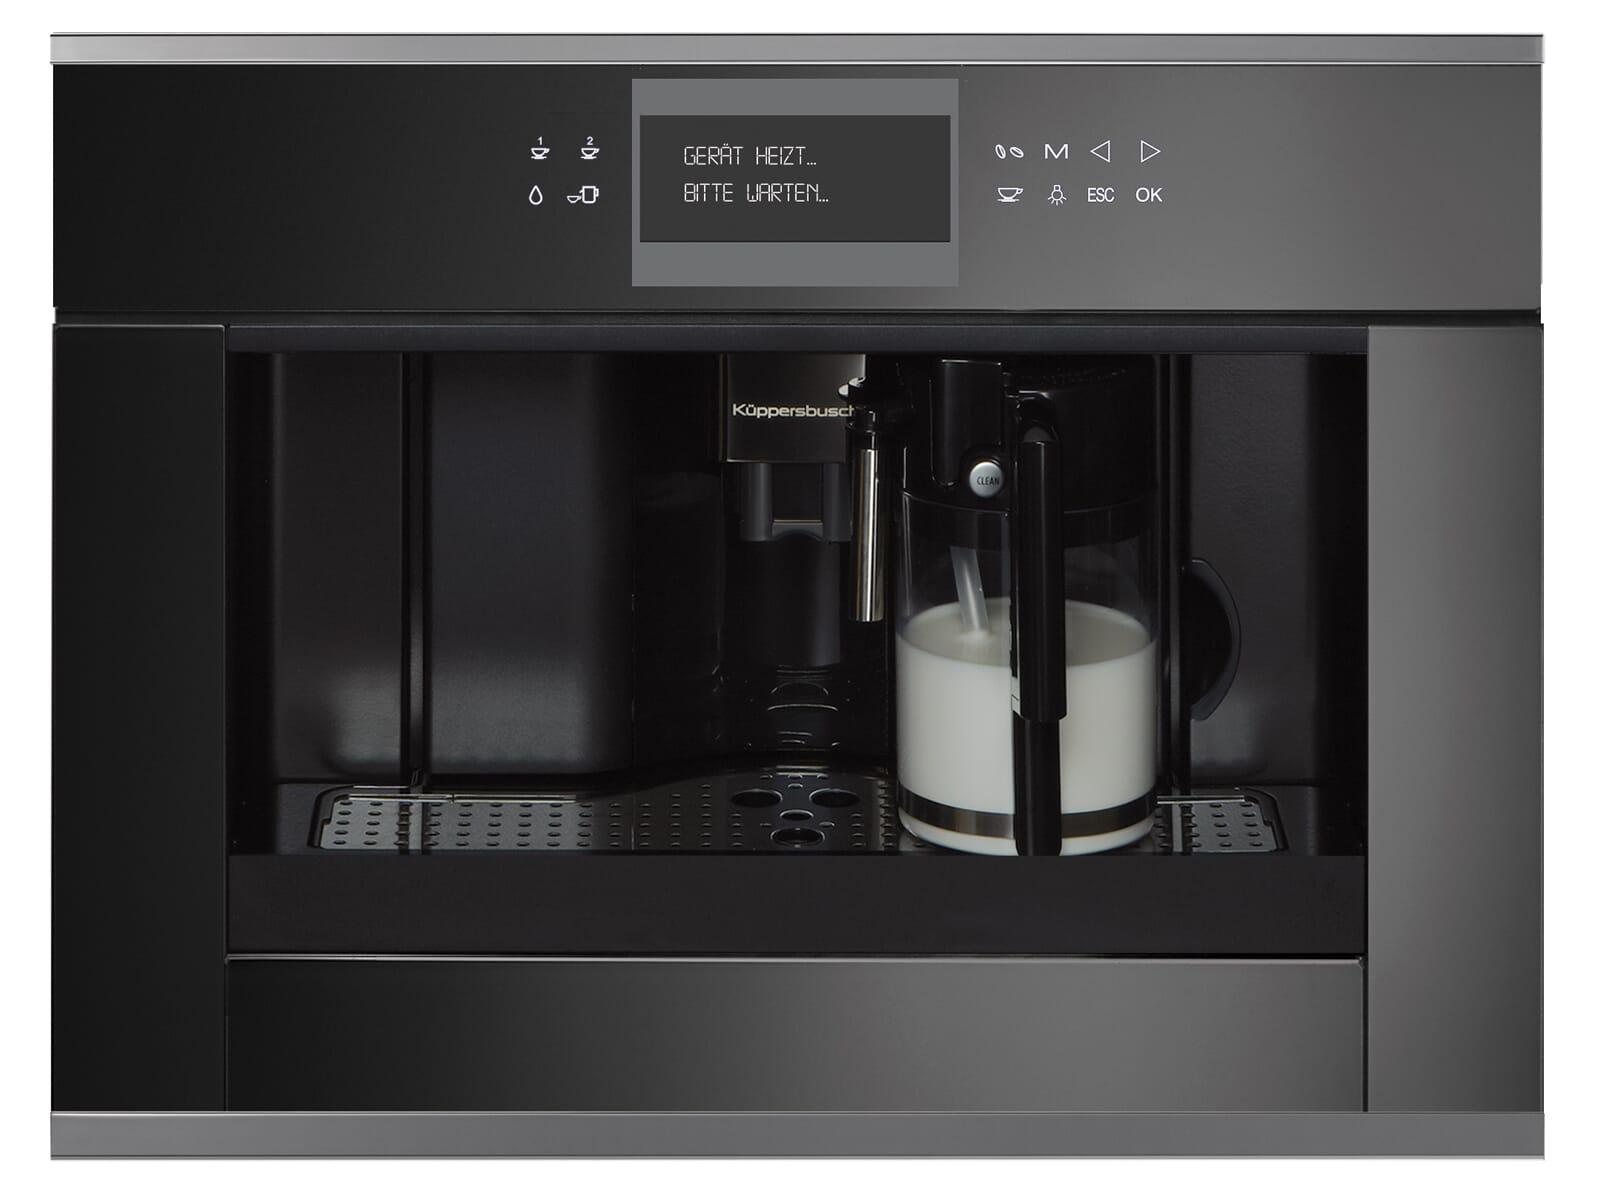 Küppersbusch CKV 6550.0 S3 K-Series. 5 Einbau-Espresso-/Kaffeevollautomat Schwarz/Silver Chrome